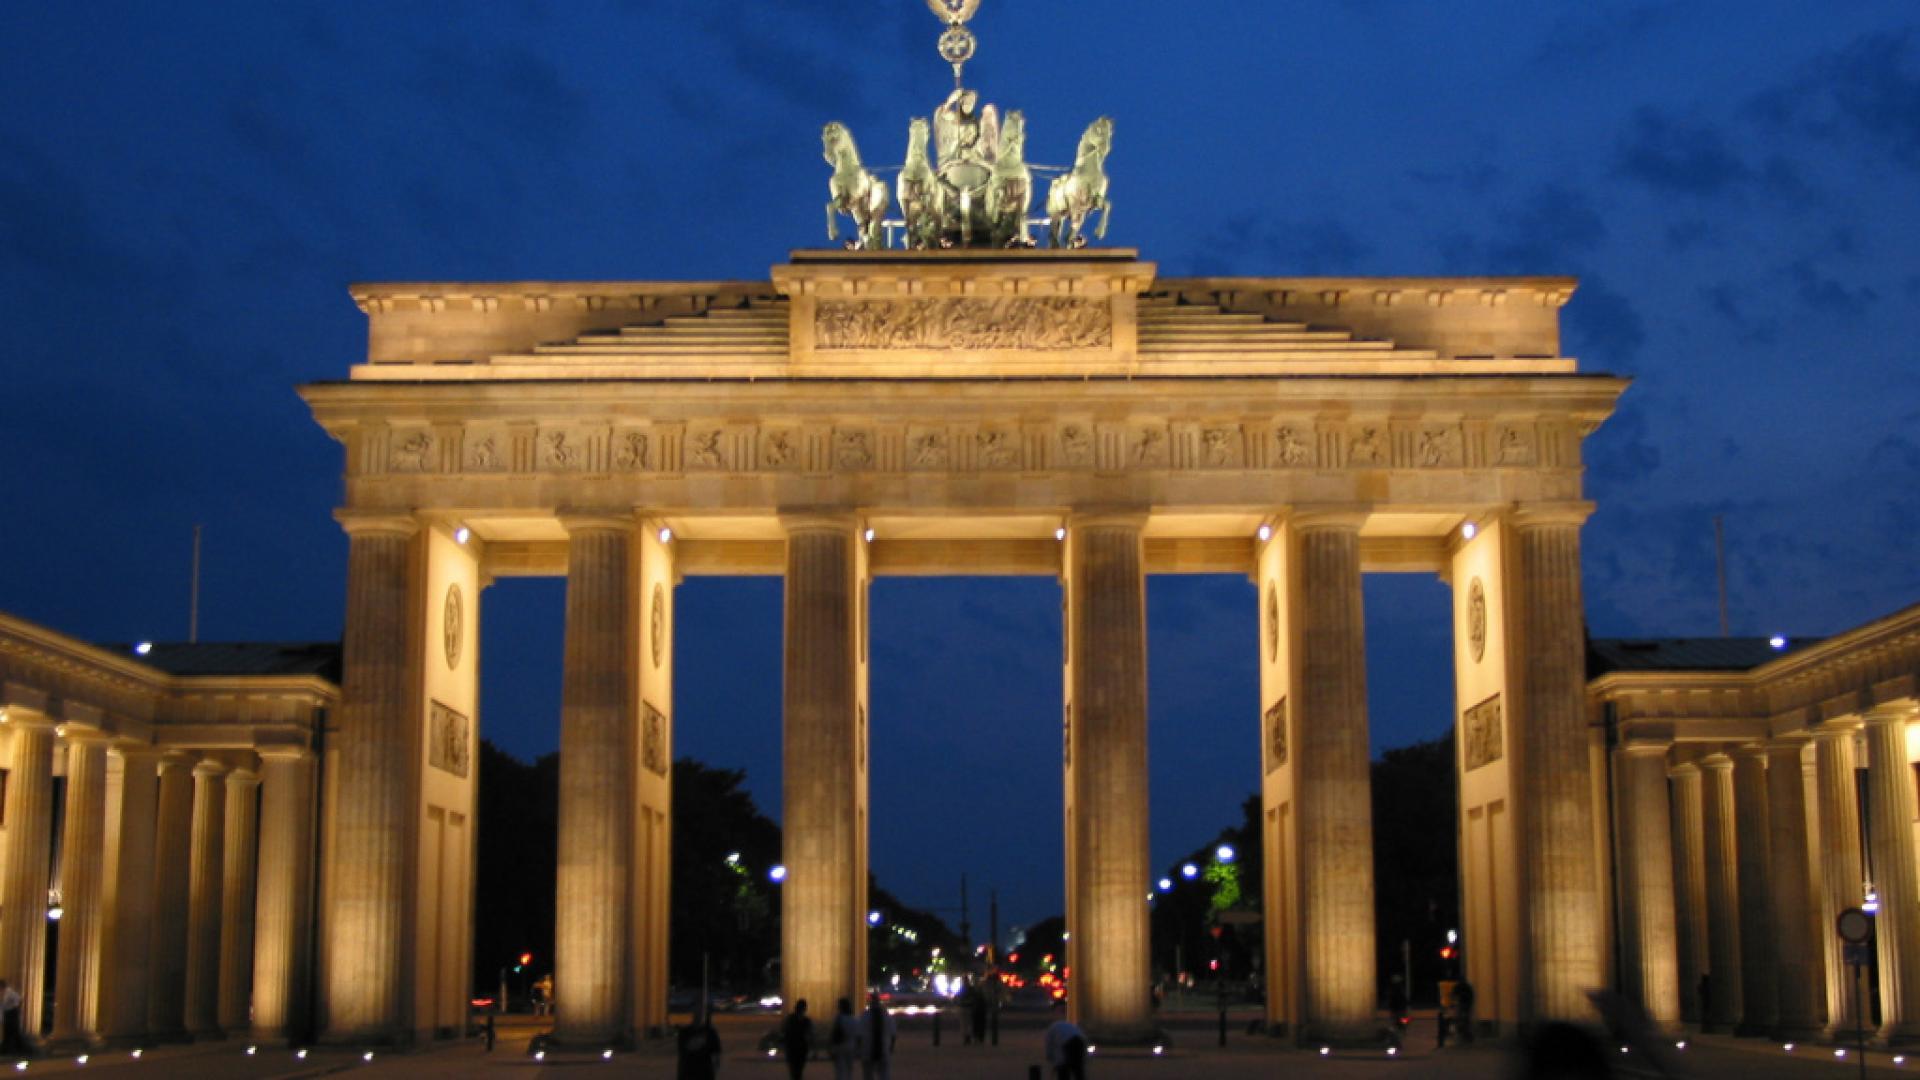 Brandenburg Gate Wallpaper 20   1920 X 1080 stmednet 1920x1080